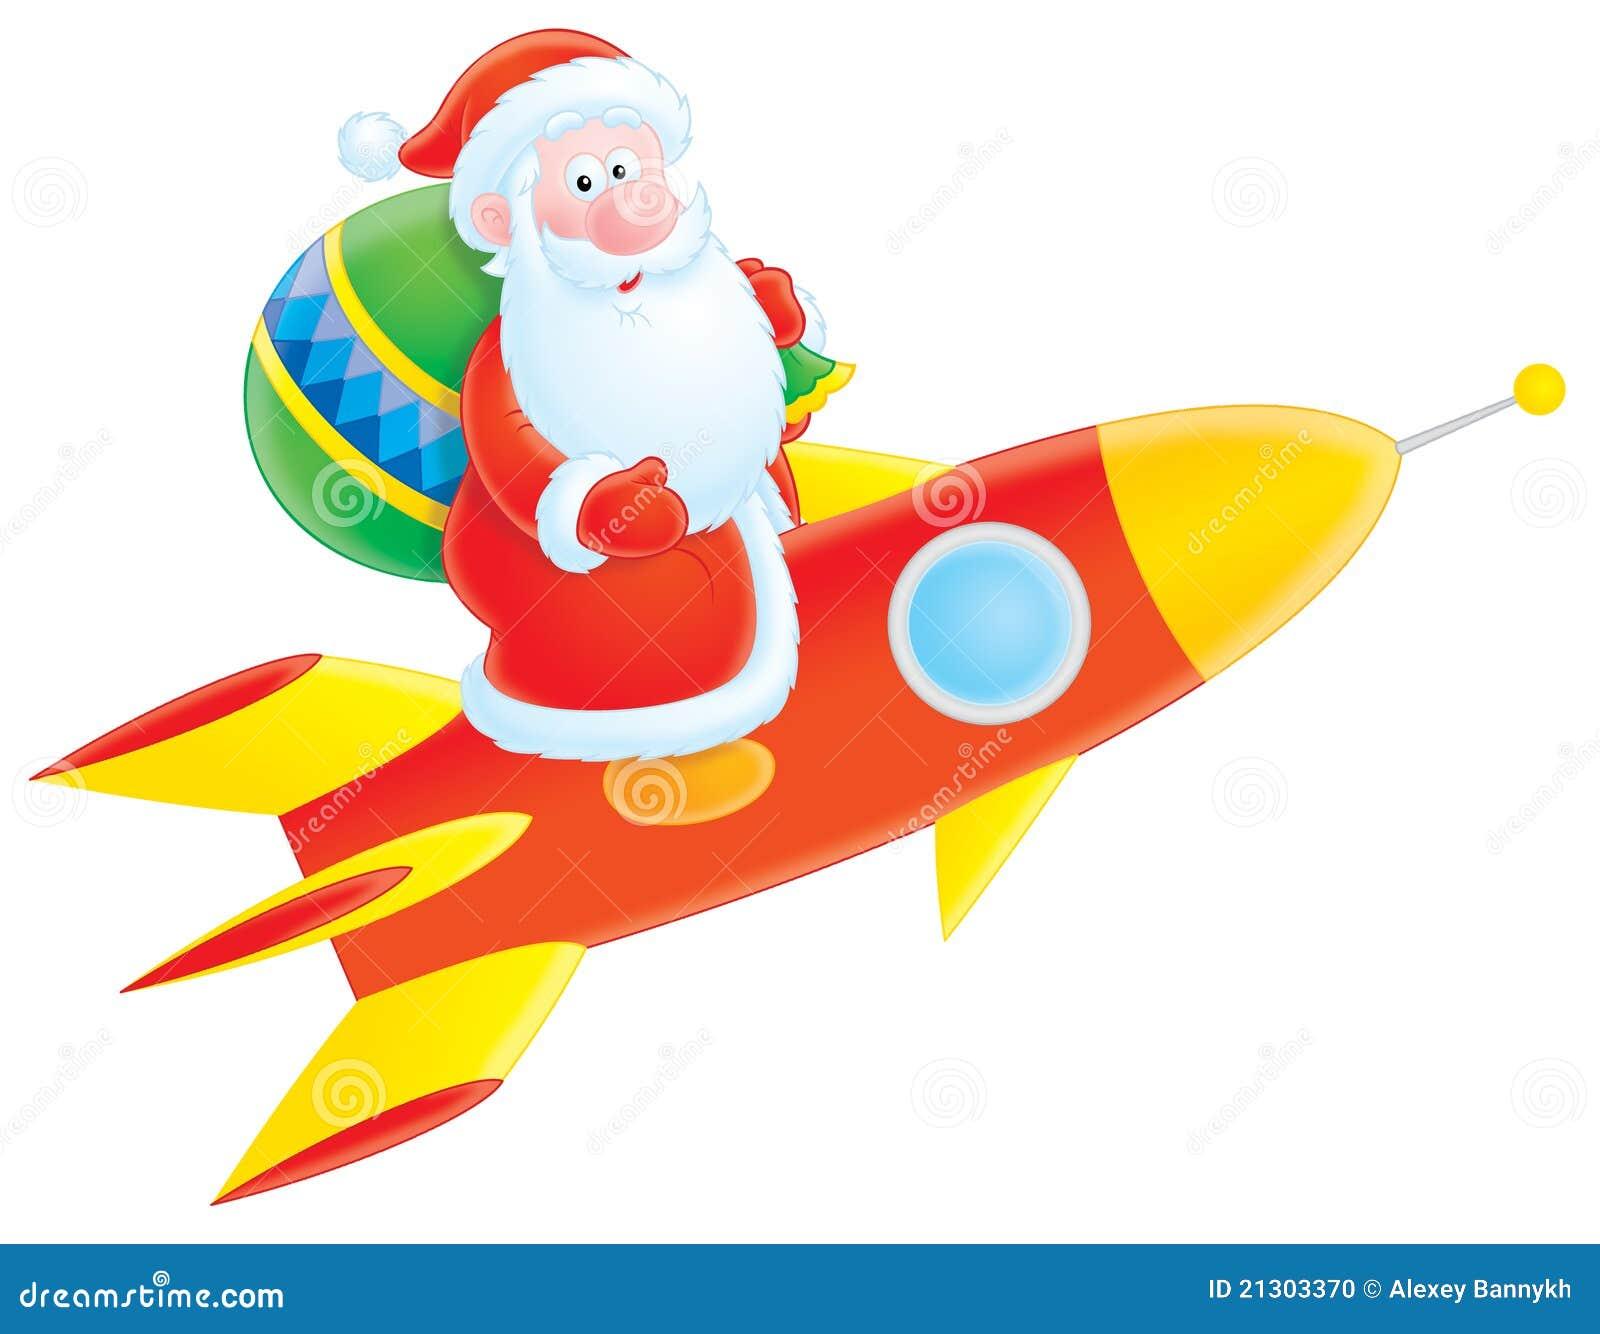 weihnachtsmann fliegt auf eine rakete stockfoto bild. Black Bedroom Furniture Sets. Home Design Ideas